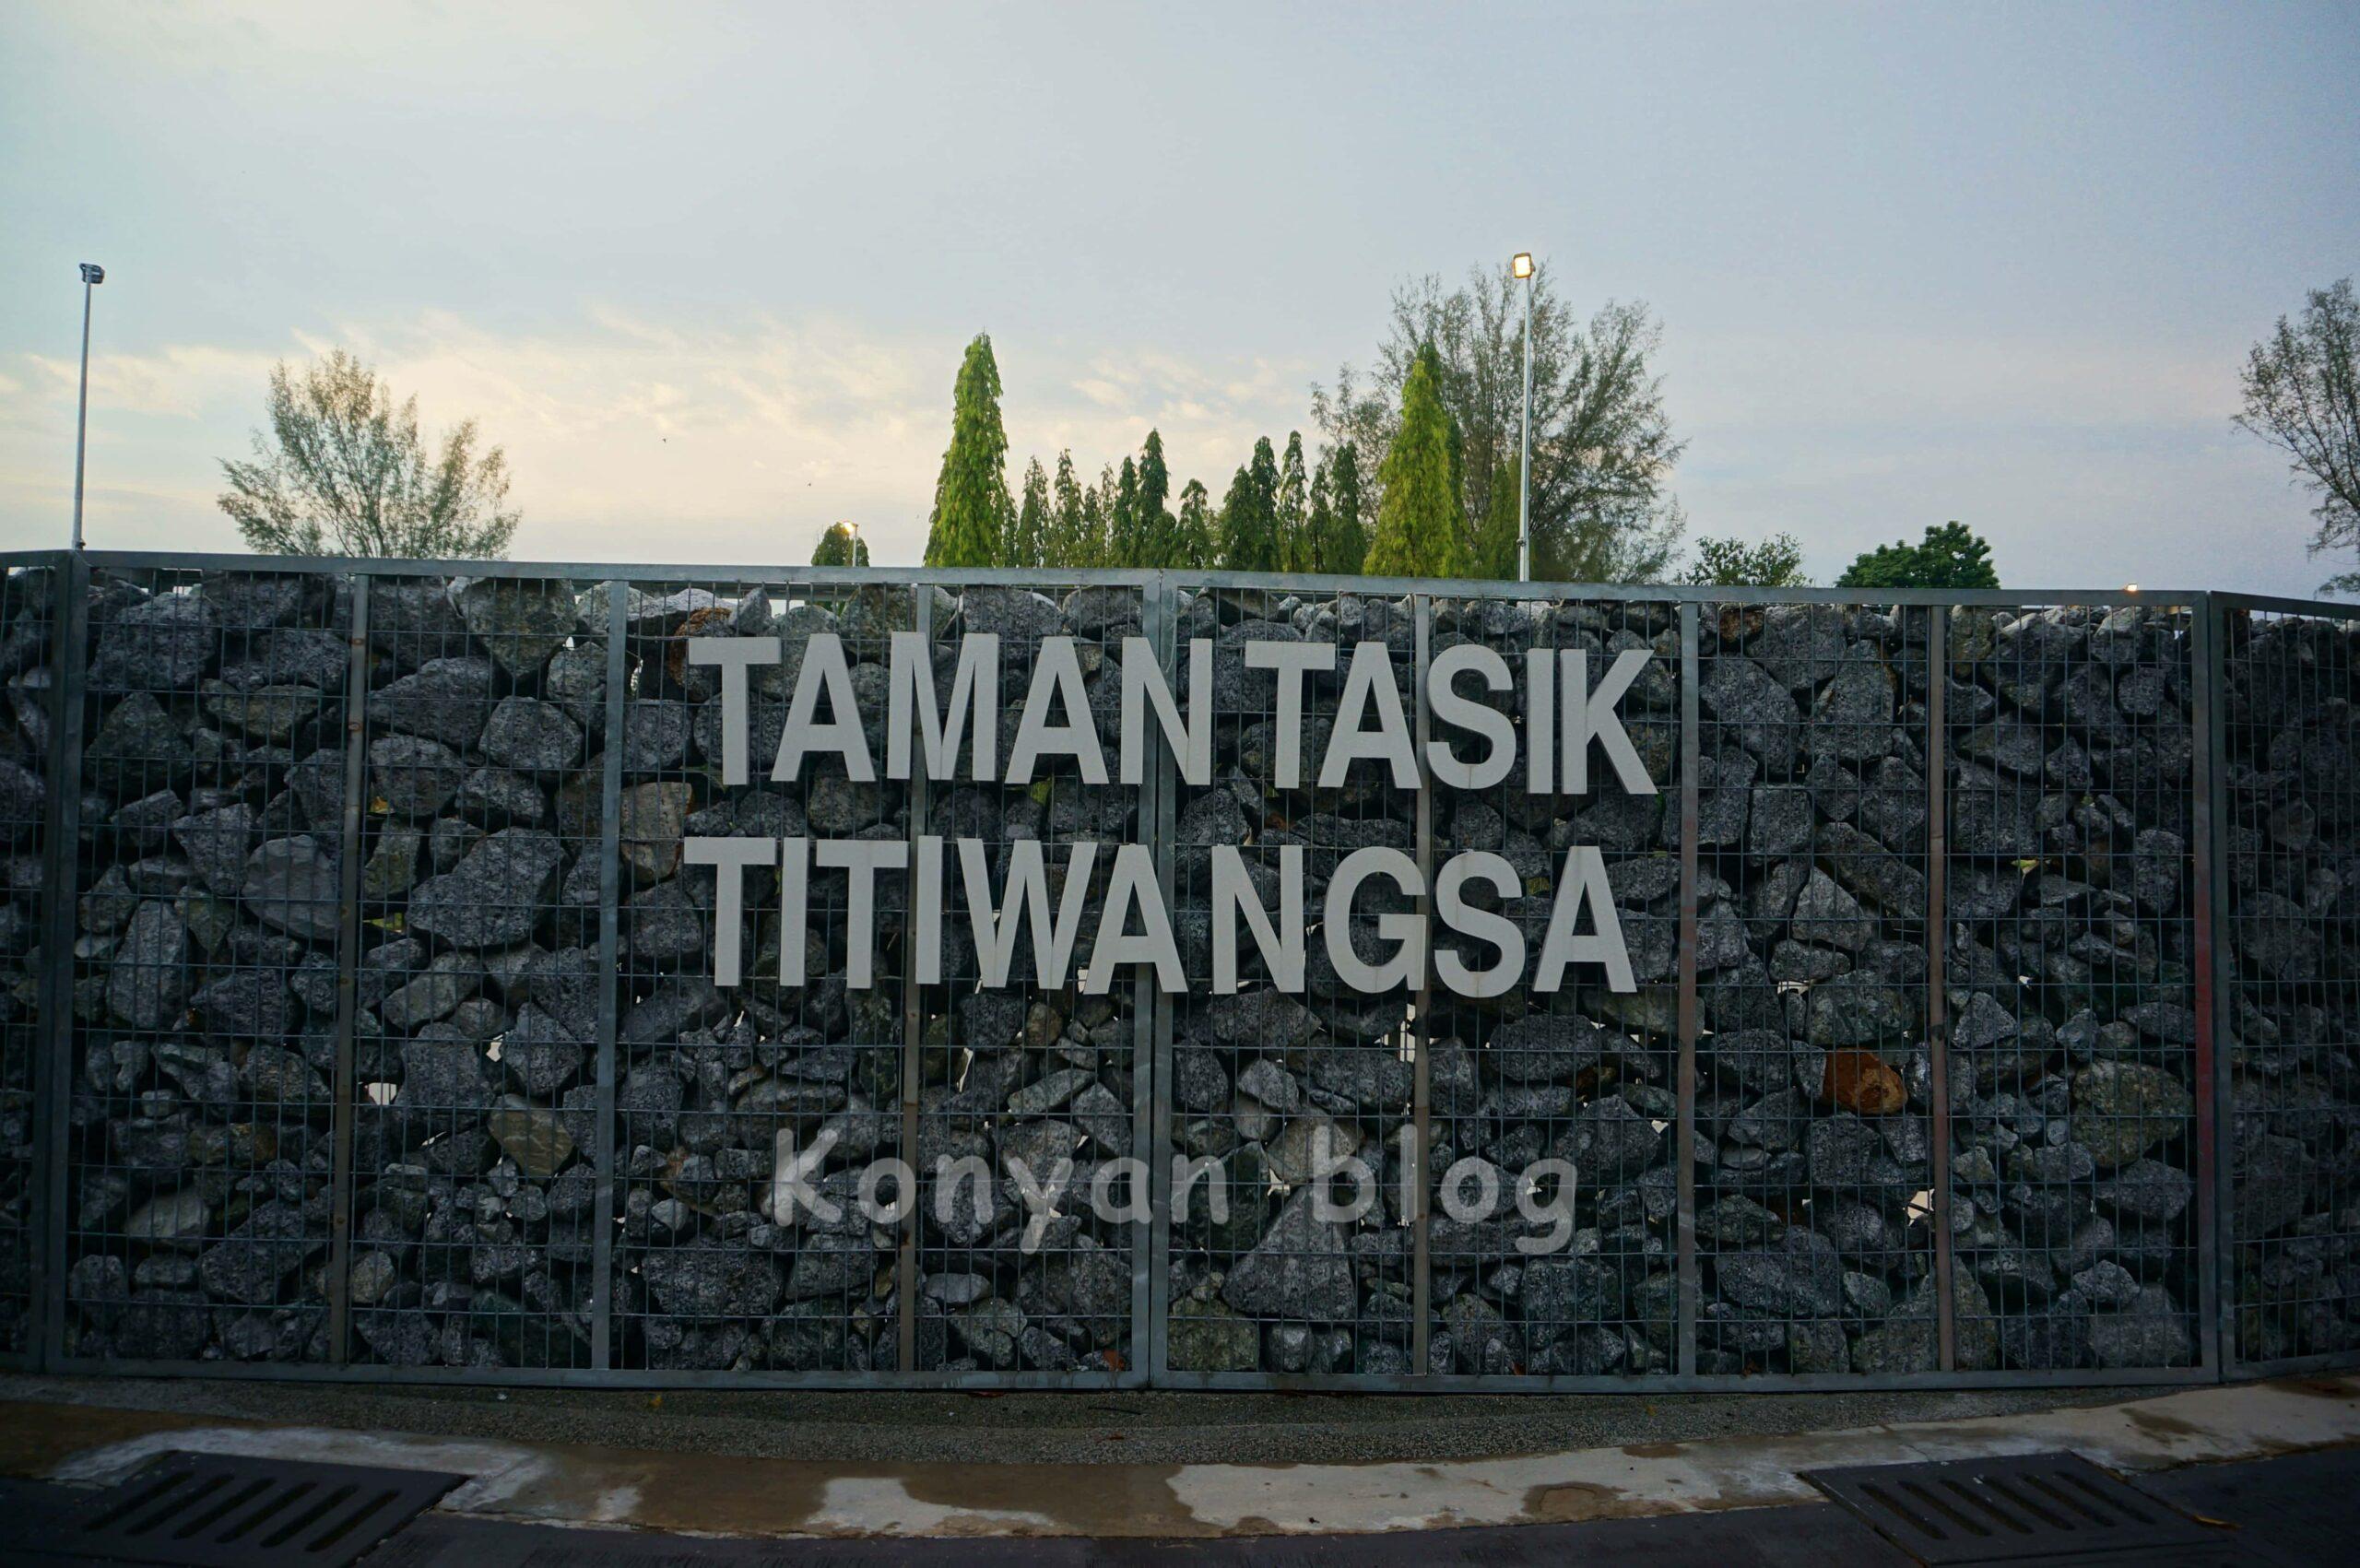 Tasik Titiwangsa 公園